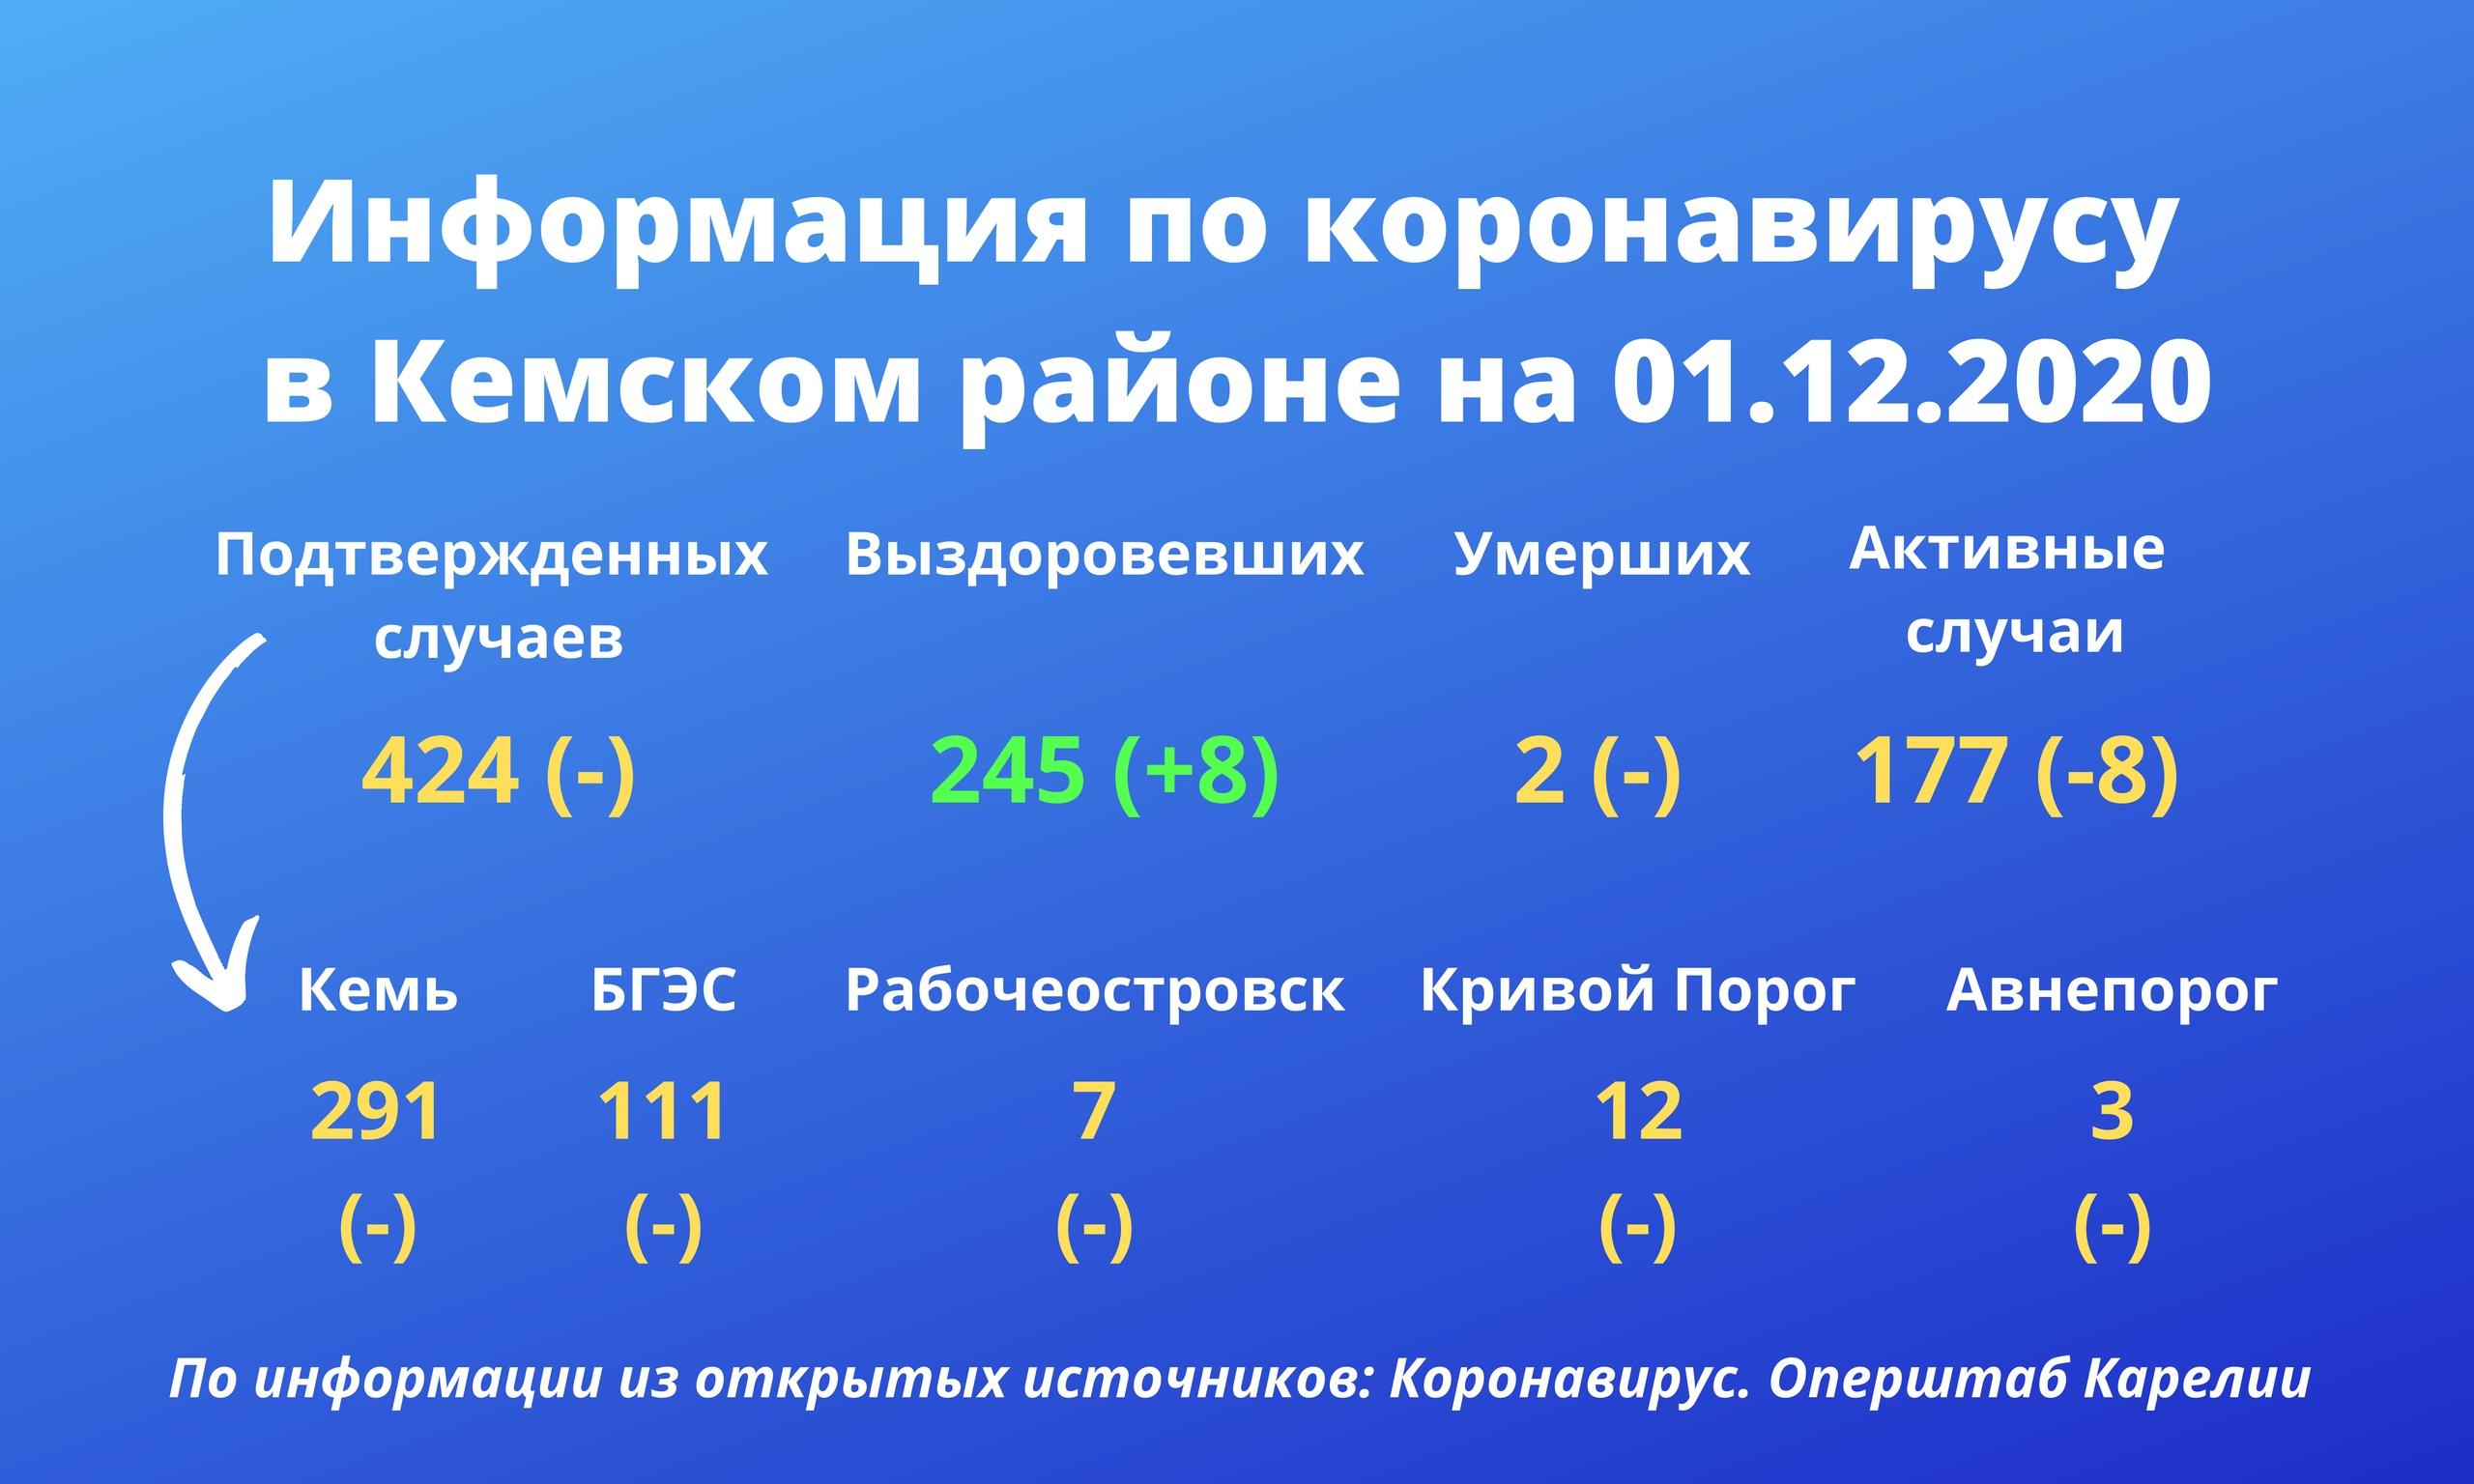 Информация по коронавирусу в Кемском районе на 1 декабря